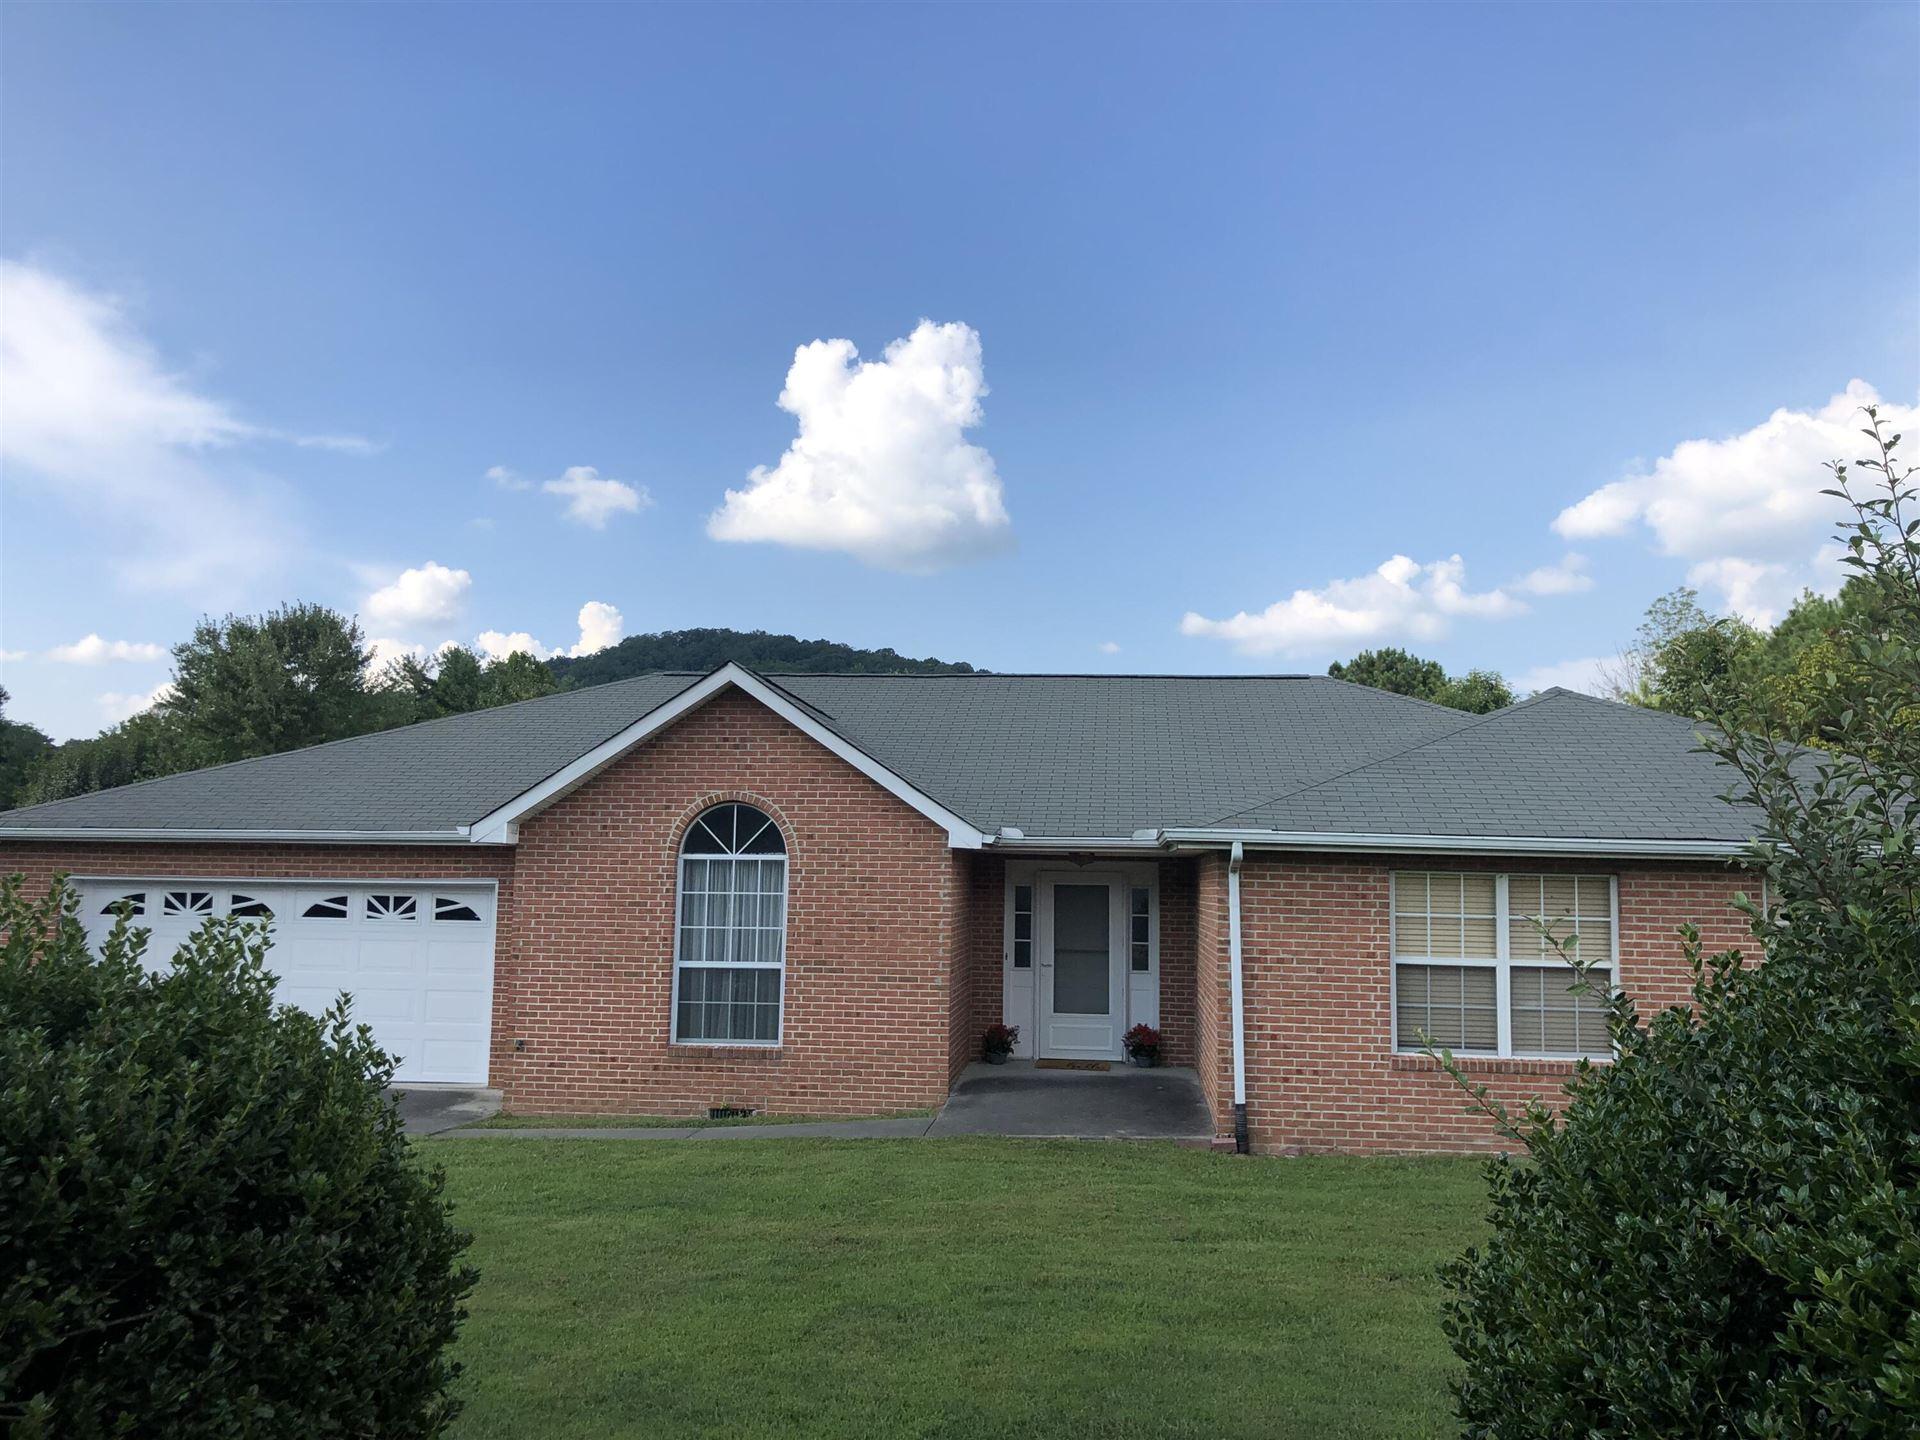 Photo of 118 Capital Circle, Oak Ridge, TN 37830 (MLS # 1167642)